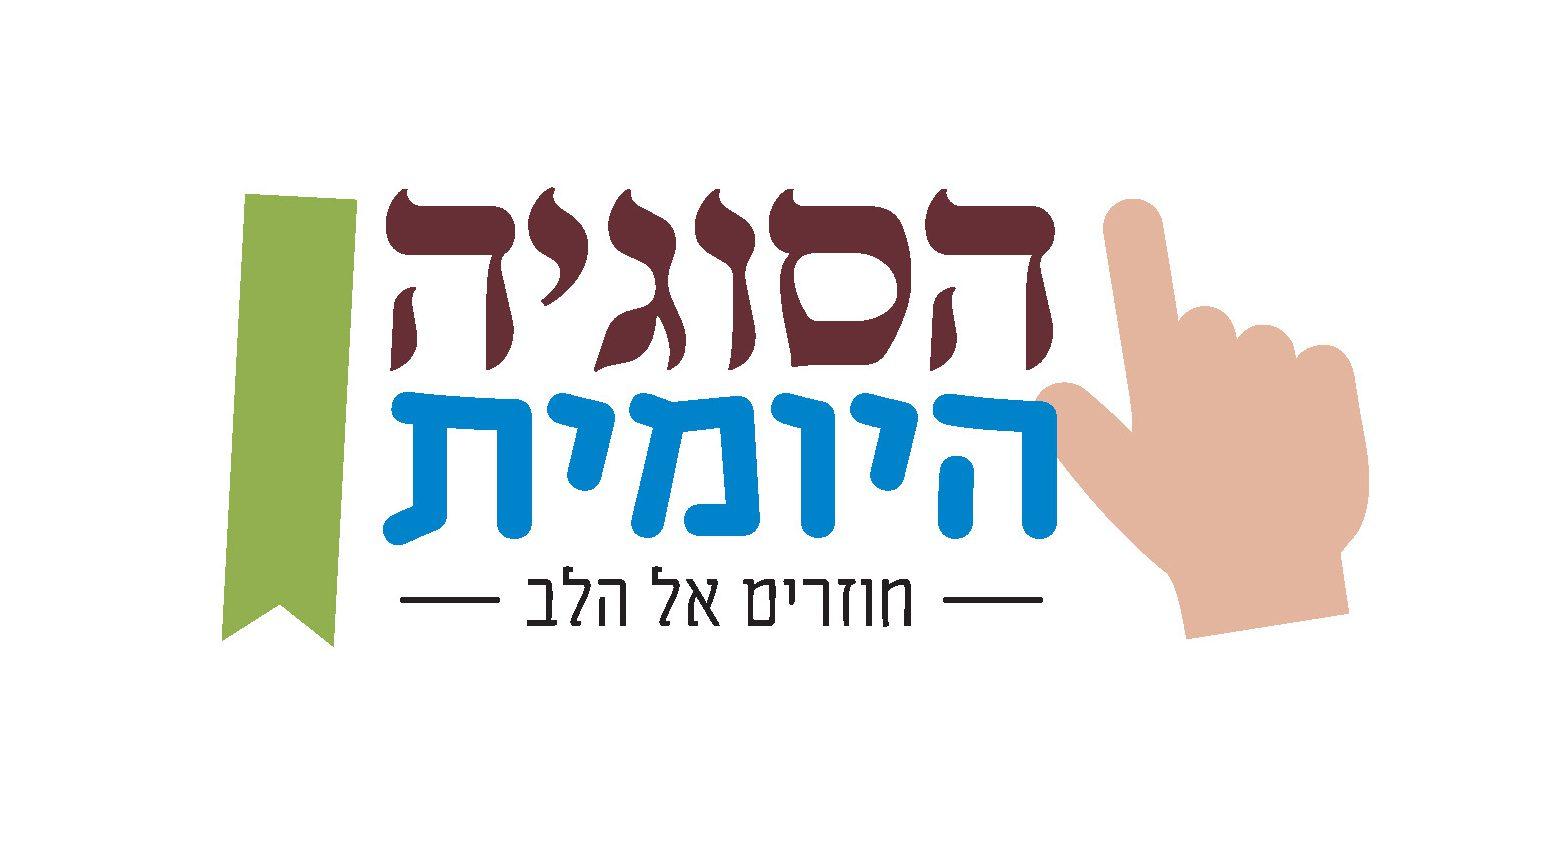 לוגו_הסוגיה_היומית